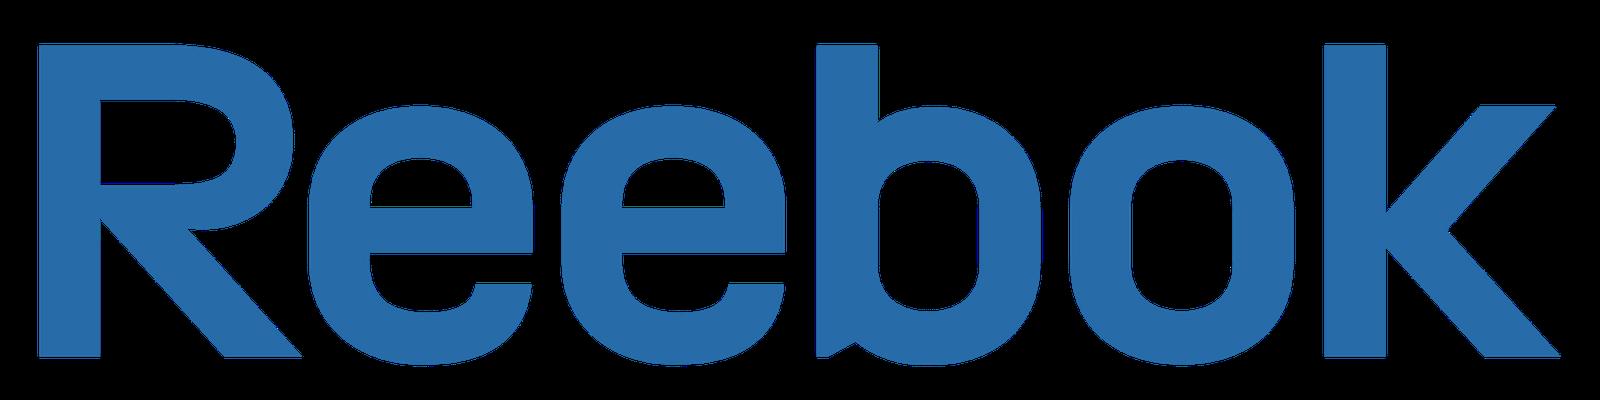 Reebok Png Reebok Logos